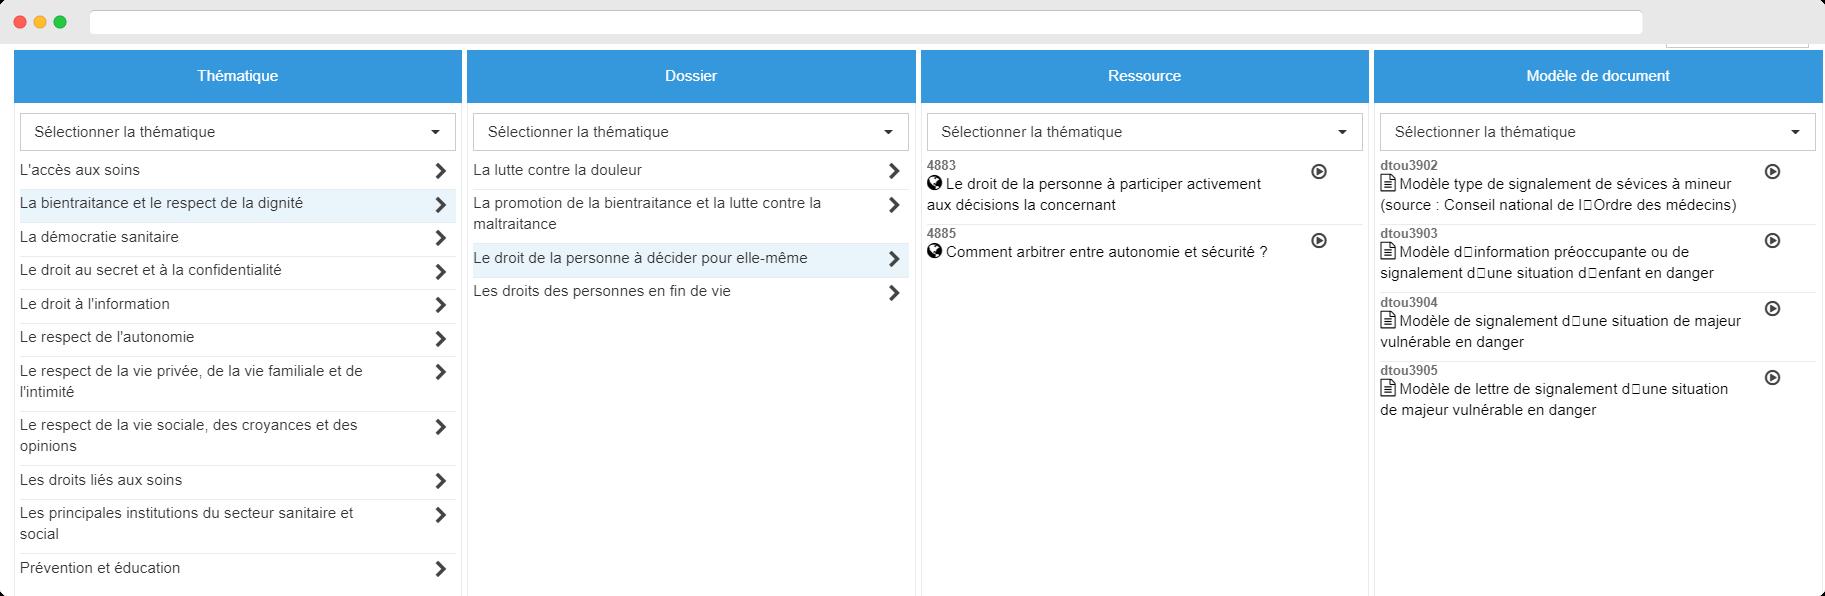 Capture d'écran sur l'affichage de la structure pour trouver un texte de veille réglementaire provenant de Weka (santé)